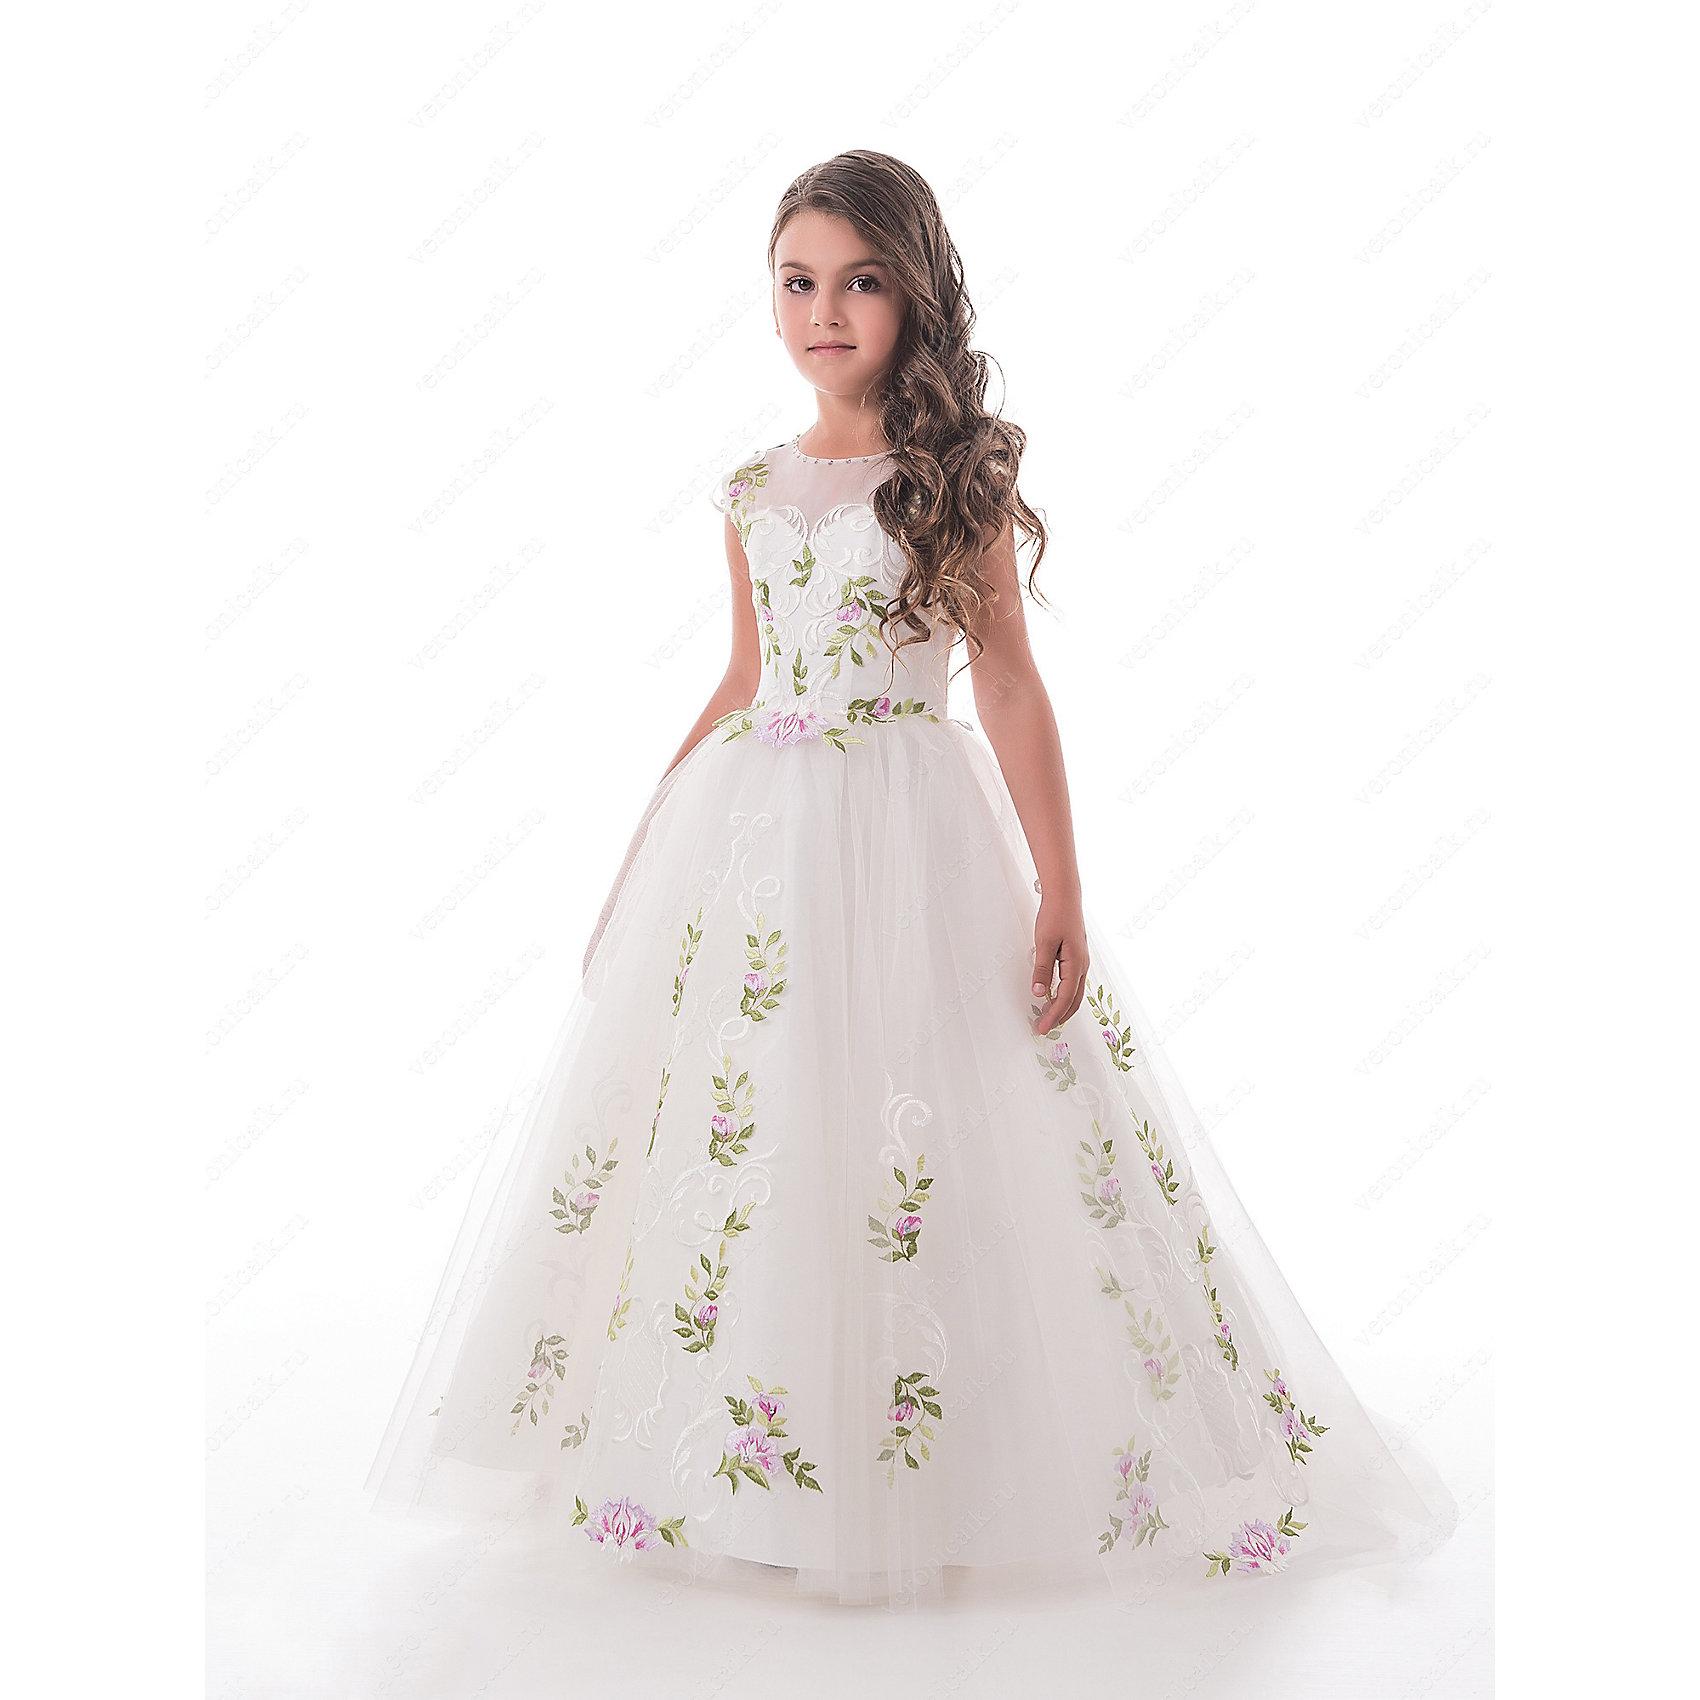 Платье нарядное для девочки ПрестижОдежда<br>Характеристики:<br><br>• Вид детской и подростковой одежды: платье<br>• Предназначение: праздничная<br>• Платье подходит для занятий бальными танцами.<br>• Коллекция: Trinity bride<br>• Сезон: круглый год<br>• Тематика рисунка: цветы<br>• Цвет: молочный<br>• Материал: 100% полиэстер<br>• Силуэт: А-силуэт, пышный<br>• Юбка: солнце<br>• Рукав: без рукава<br>• Вырез горловины: круглый<br>• Длина платья: длинное со шлейфом<br>• Застежка: молния на спинке и шнуровка у корсета<br>• Особенности ухода: ручная стирка при температуре не более 30 градусов<br><br>Платье нарядное для девочки Престиж от отечественного производителя праздничной одежды и аксессуаров как для взрослых, так и для детей. Изделие выполнено из 100% полиэстера, который обладает легкостью, прочностью, устойчивостью к износу и пятнам. Платье отрезное по талии, имеет классический А-силуэт и круглую горловину. Верх платья, представляющий собой корсет, имеет застежку-молнию и шнуровку на спинке, что обеспечивает хорошую посадку платья по фигуре. <br><br>Классический стиль платья дополнен эффектными деталями и декором. Вышитый цветными нитками цветочный орнамент, украшающий переднюю полочку и пояс, придают изделию особую изысканность, цветочные элементы повторяются и на длинной пышной юбке. Стразы, украшающие горловину, создают эффект мягкого мерцания и законченности торжественного образа. <br>Платье нарядное для девочки Престиж – это неповторимый стиль вашей девочки на любом торжестве!<br><br>Платье нарядное для девочки Престиж можно купить в нашем интернет-магазине.<br><br>Ширина мм: 236<br>Глубина мм: 16<br>Высота мм: 184<br>Вес г: 177<br>Цвет: молочный<br>Возраст от месяцев: 84<br>Возраст до месяцев: 96<br>Пол: Женский<br>Возраст: Детский<br>Размер: 128,116,122<br>SKU: 5387737